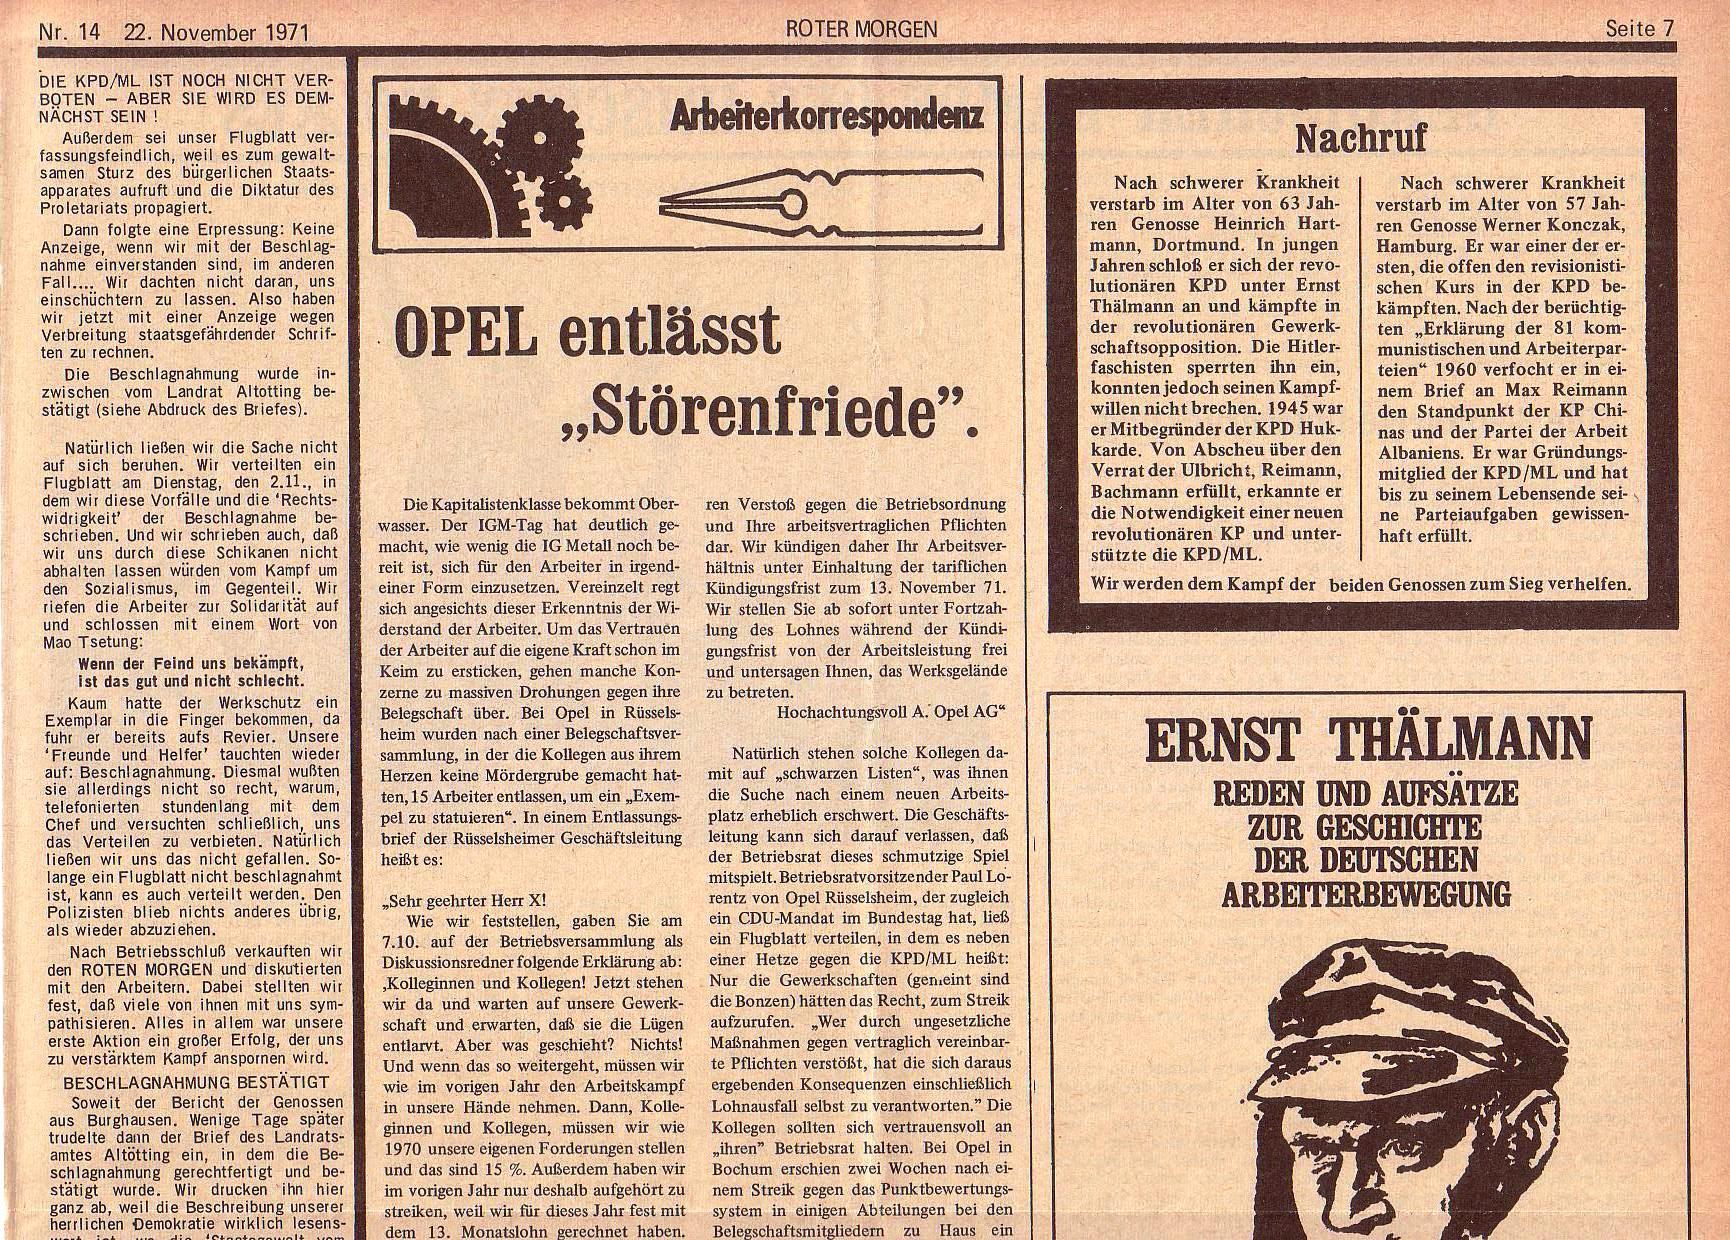 Roter Morgen, 5. Jg., 22. November 1971, Nr. 14, Seite 7a